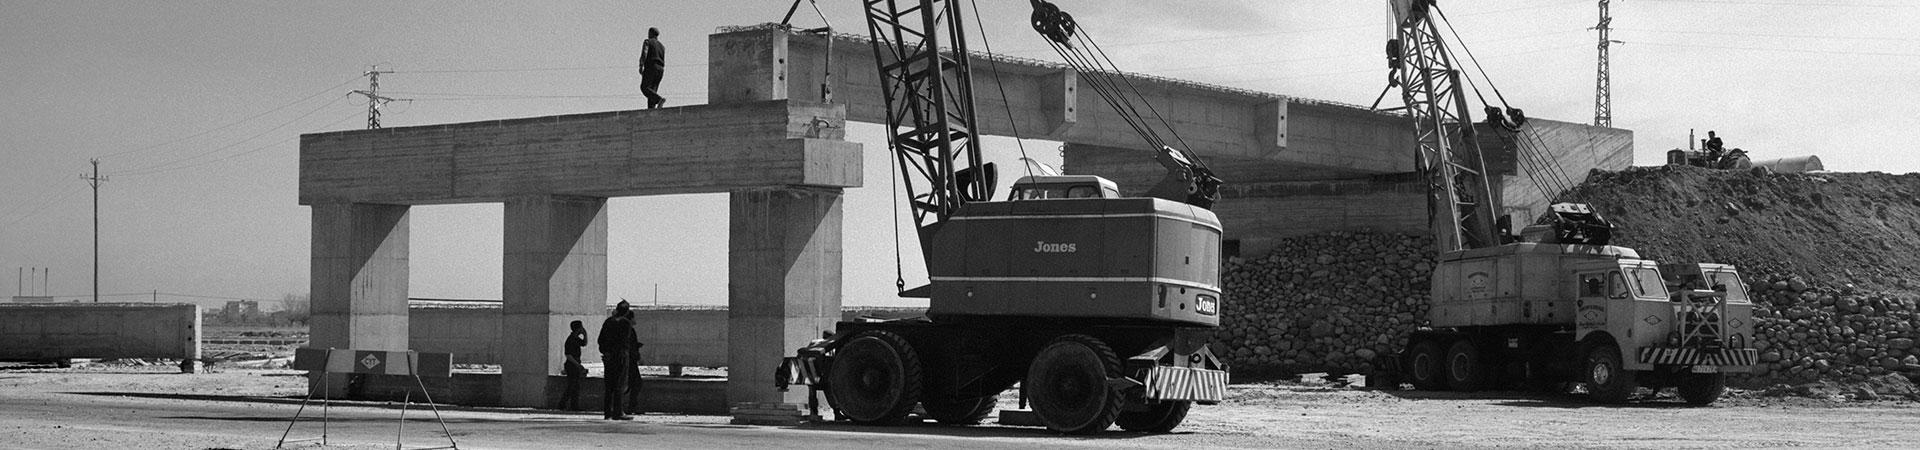 Obres de construcció de la carretera de Castelldefels a l'alçada de l'Aeroport. Prat de Llobregat, 26 de març de 1965. Col. Plasencia / IEFC